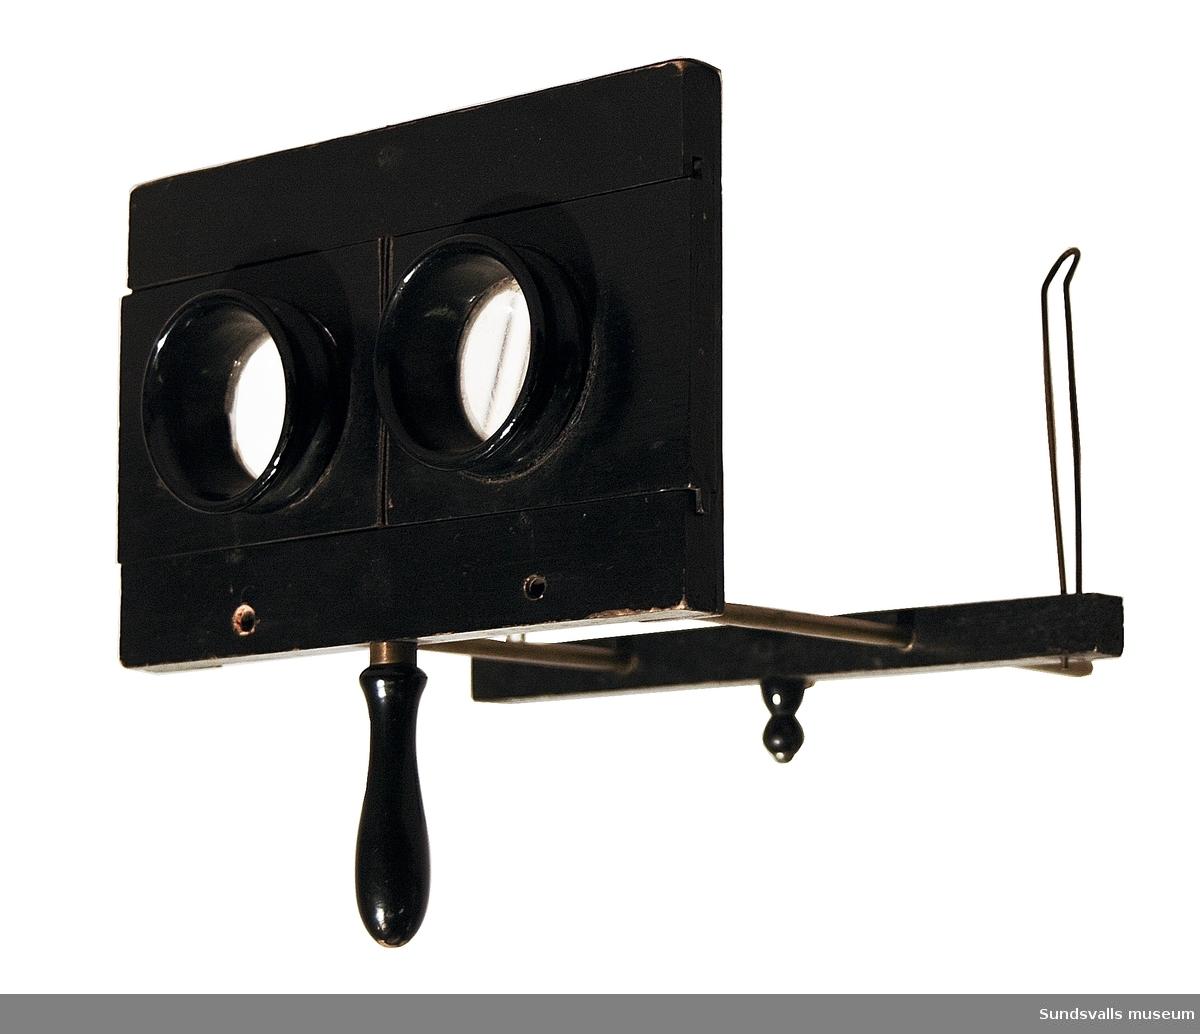 Stereoskop, svartmålat med svarvat handtag. Linserna kan ställas in genom att skjutas åt sidorna. Veckat papper mellan linshållare. Bildhållare flyttas på två parallella mässingsrör.